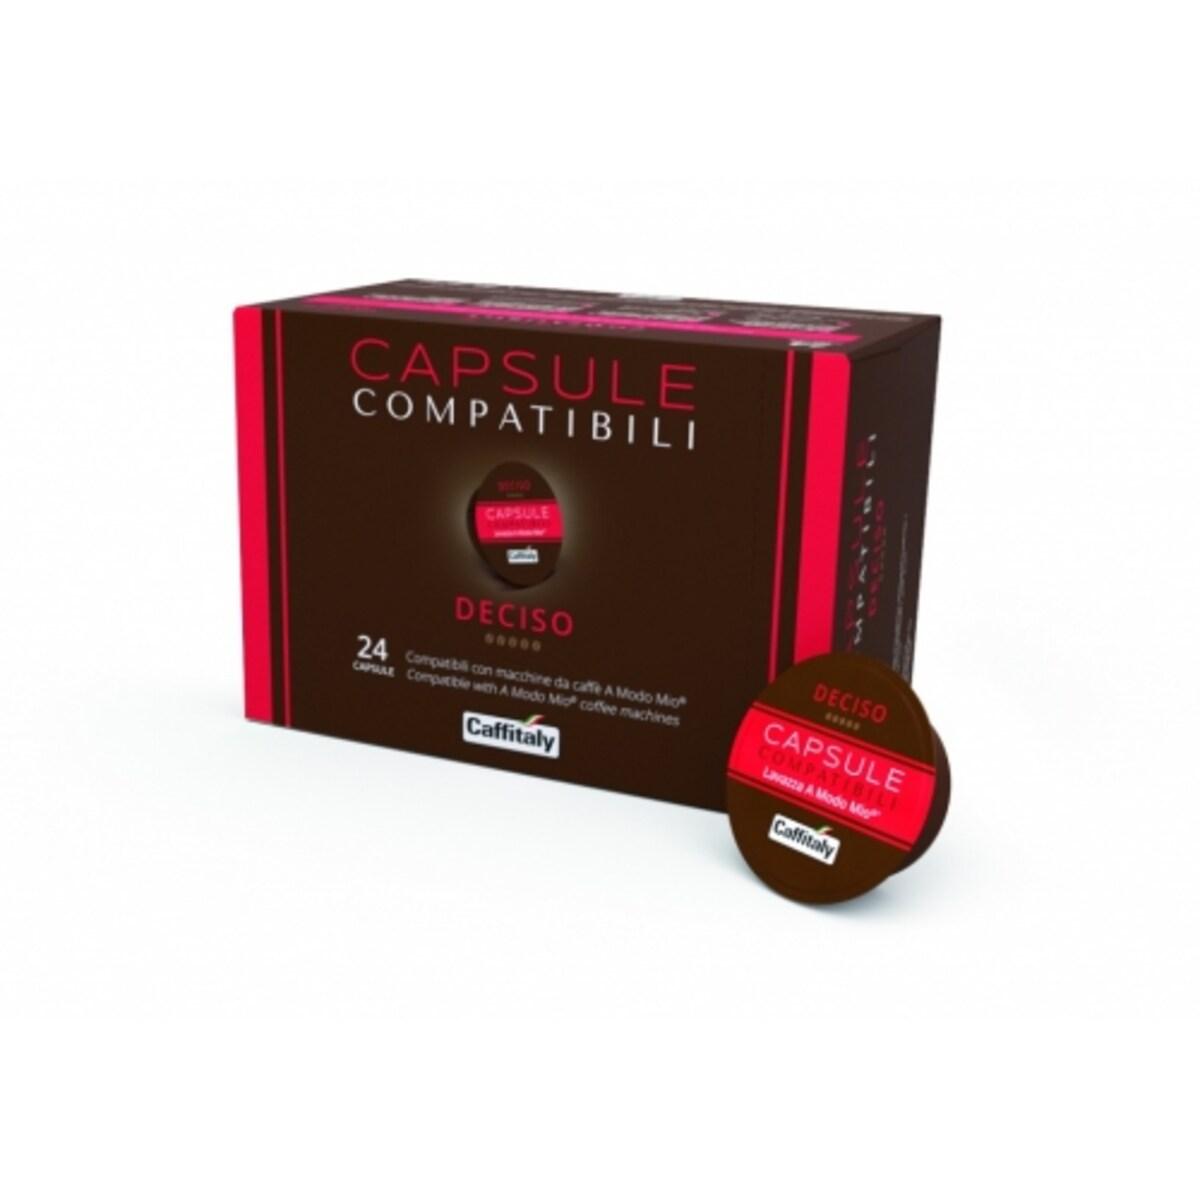 Caffitaly La Capsule Deciso 24 Lavazza A Modo Mio съвместими